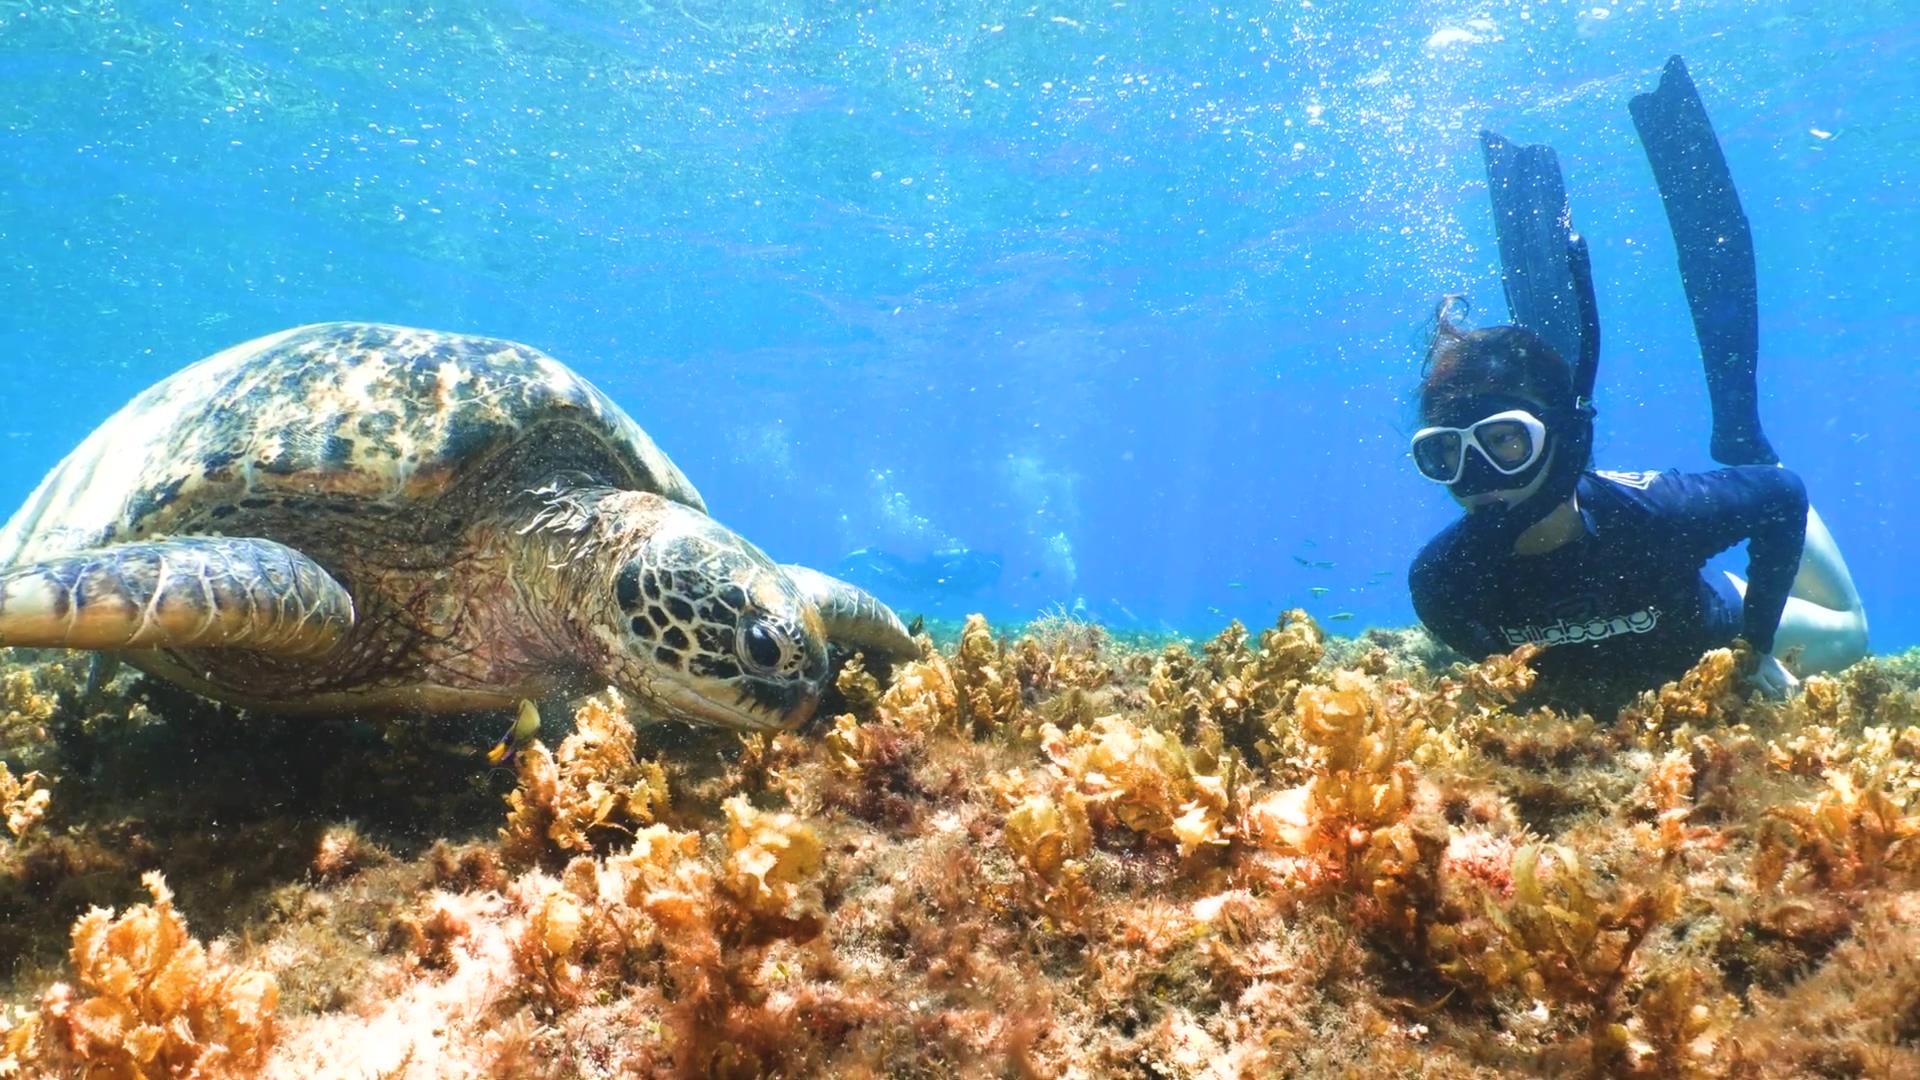 「海龜姊姊」馮加伶與海龜共游於海中(蘇淮提供)。